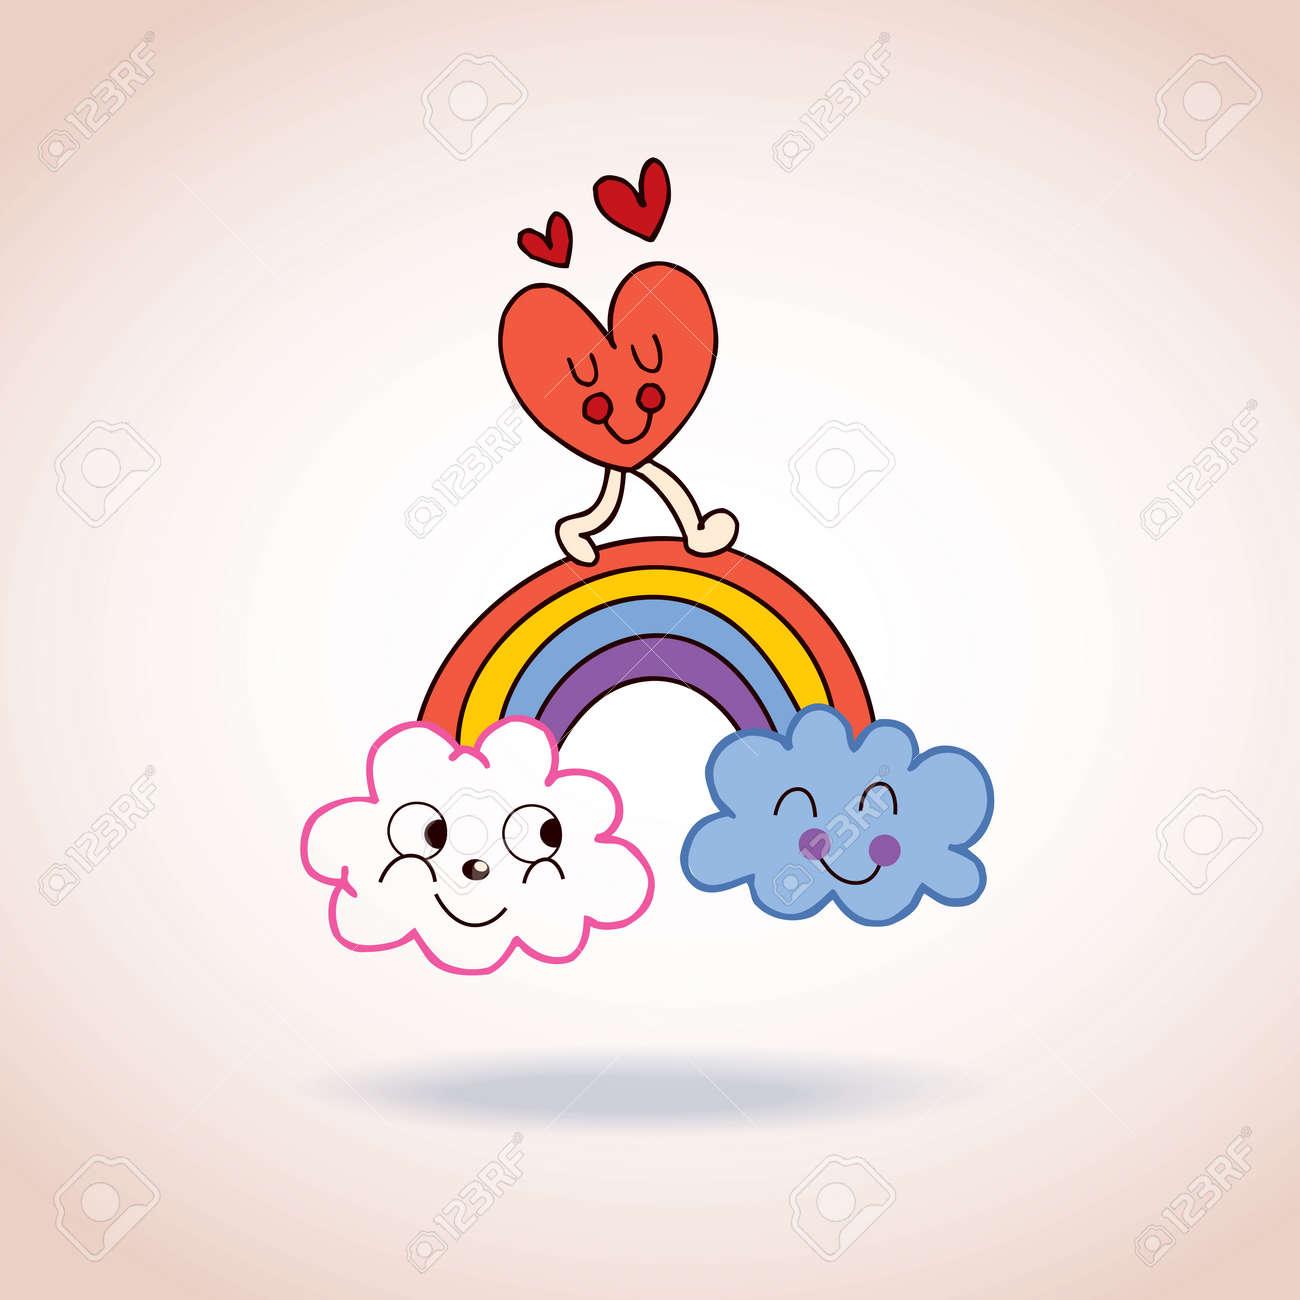 雲虹とハートのかわいいキャラクター イラスト ロイヤリティフリー